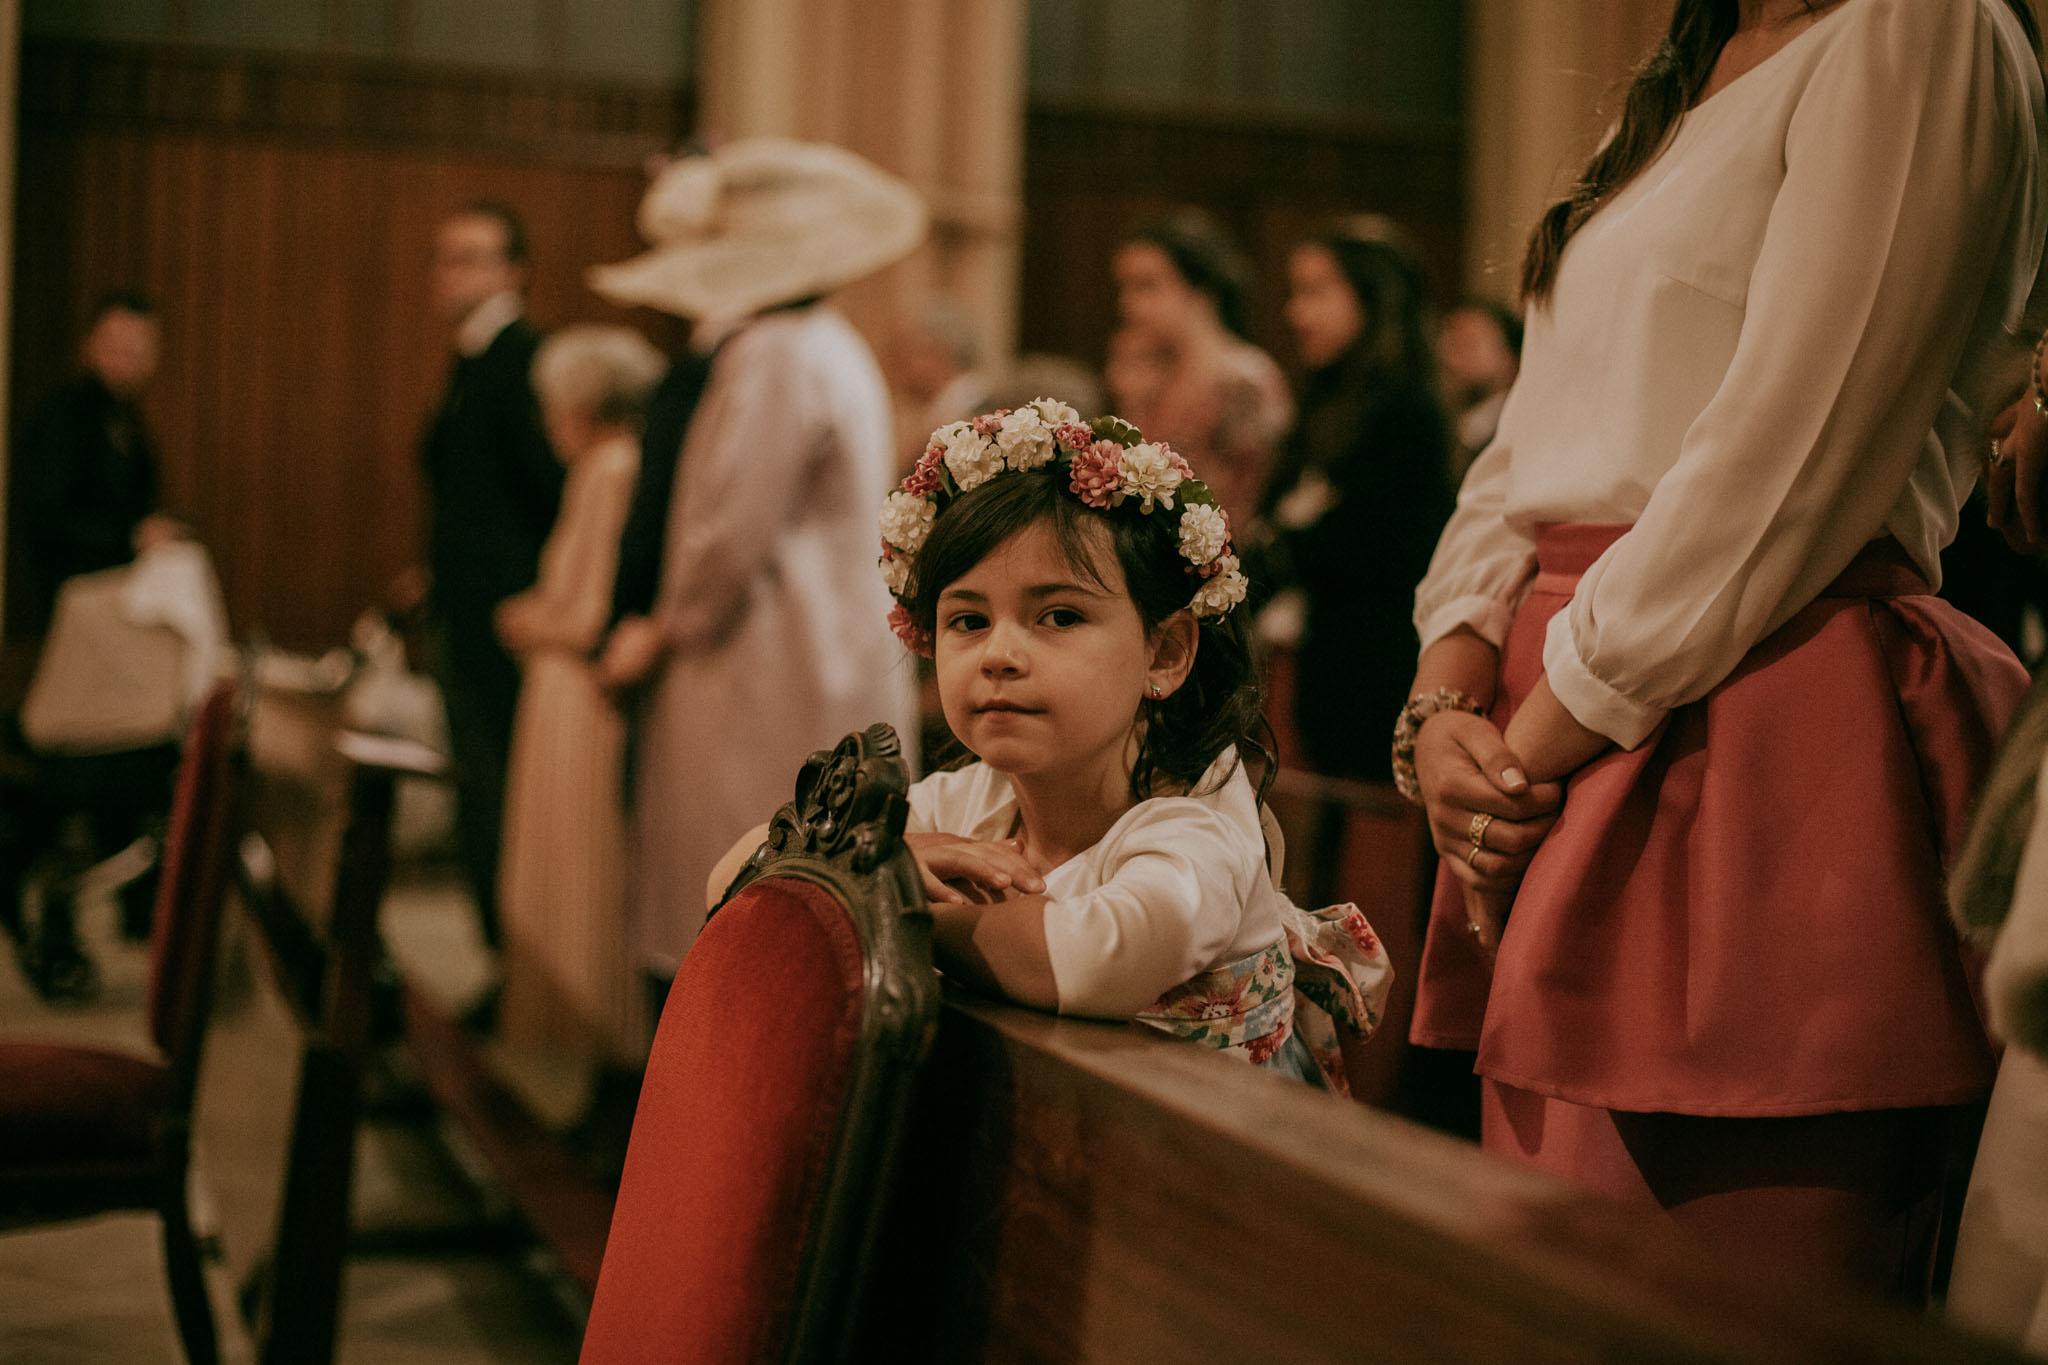 fotografia-boda-luguille-concorazon-70